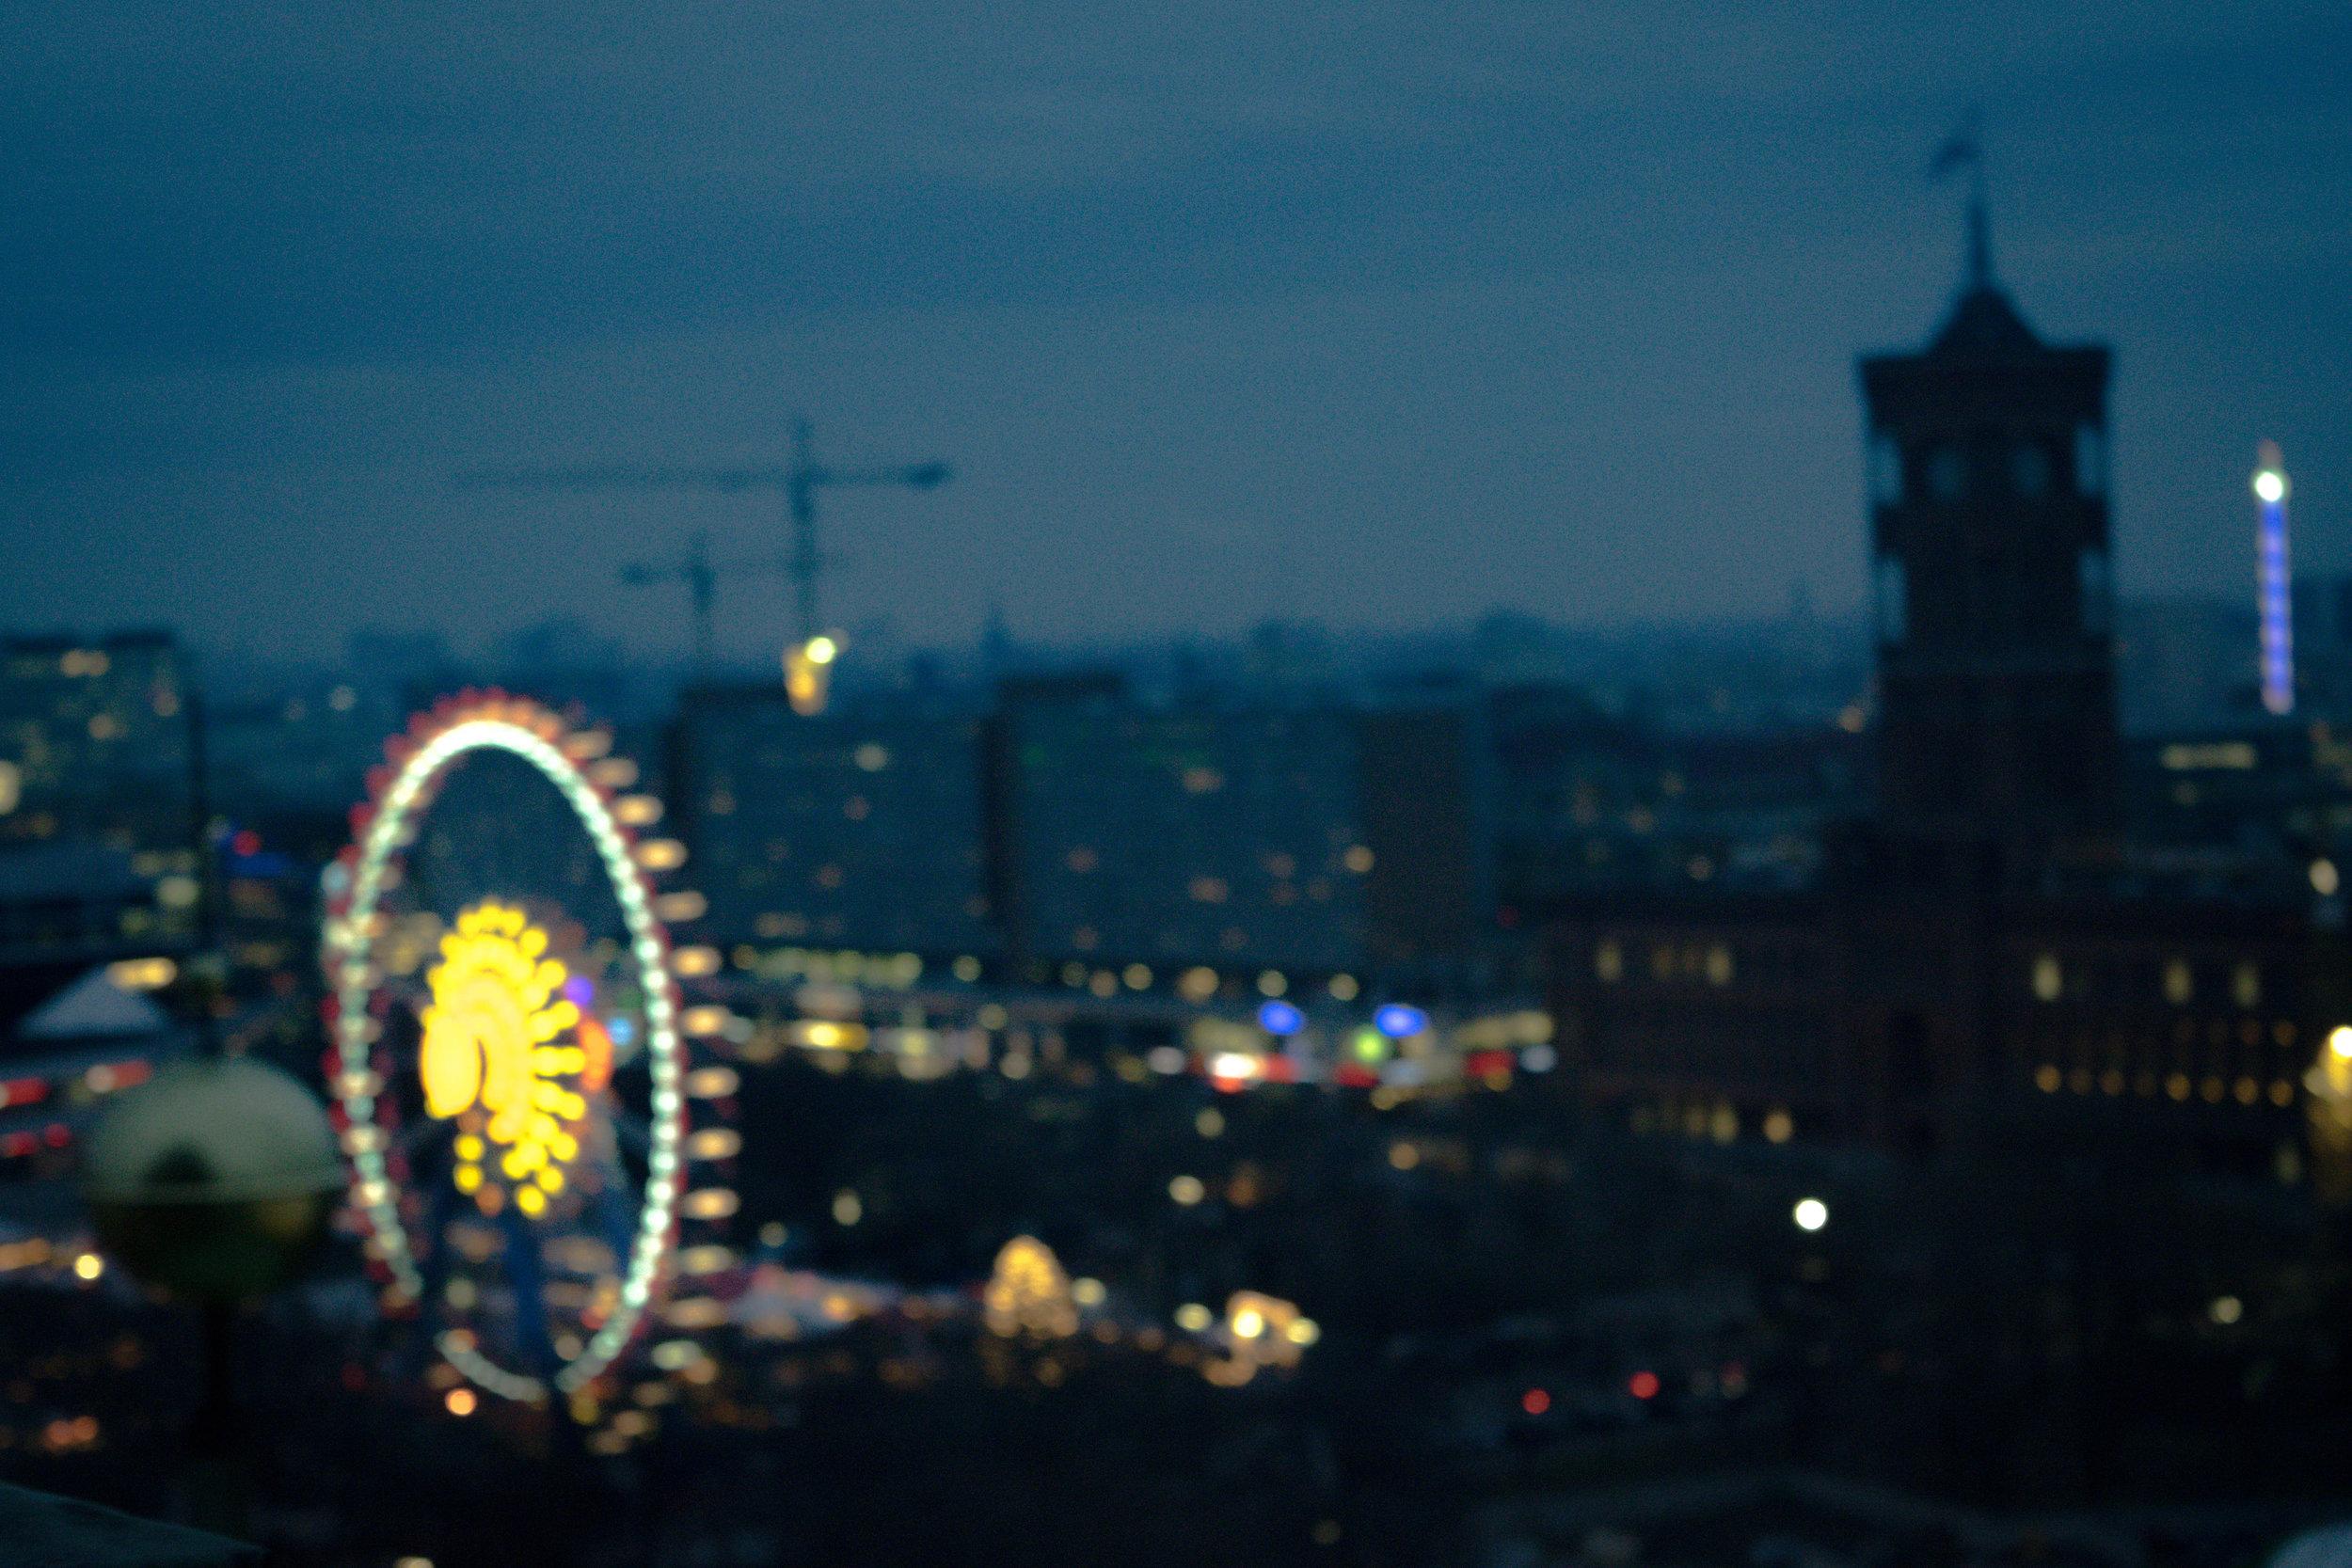 Romantic Memories of a Berlin Trip